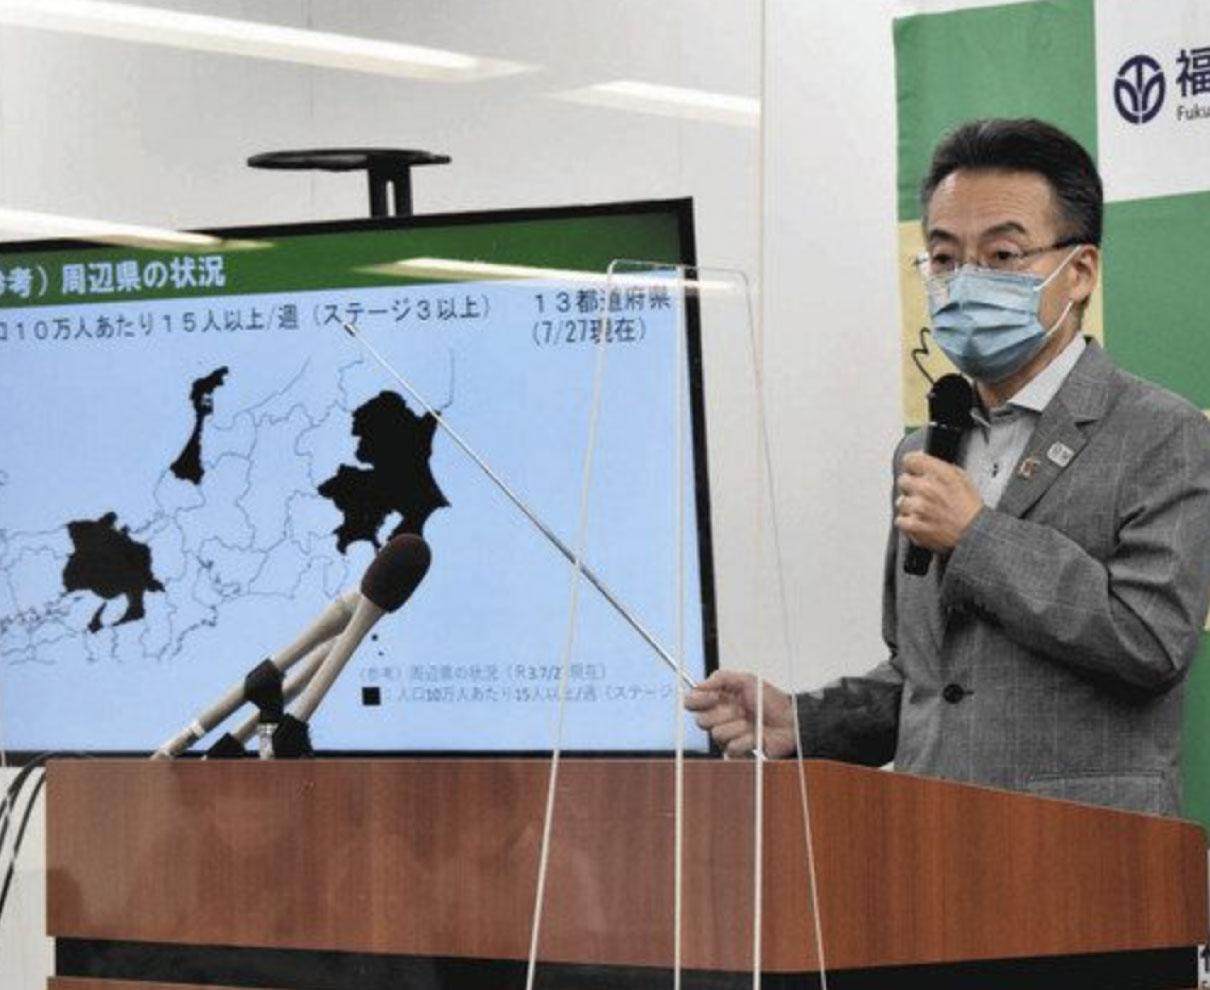 【福井】「県緊急宣言直前の状態」 知事、感染拡大に危機感